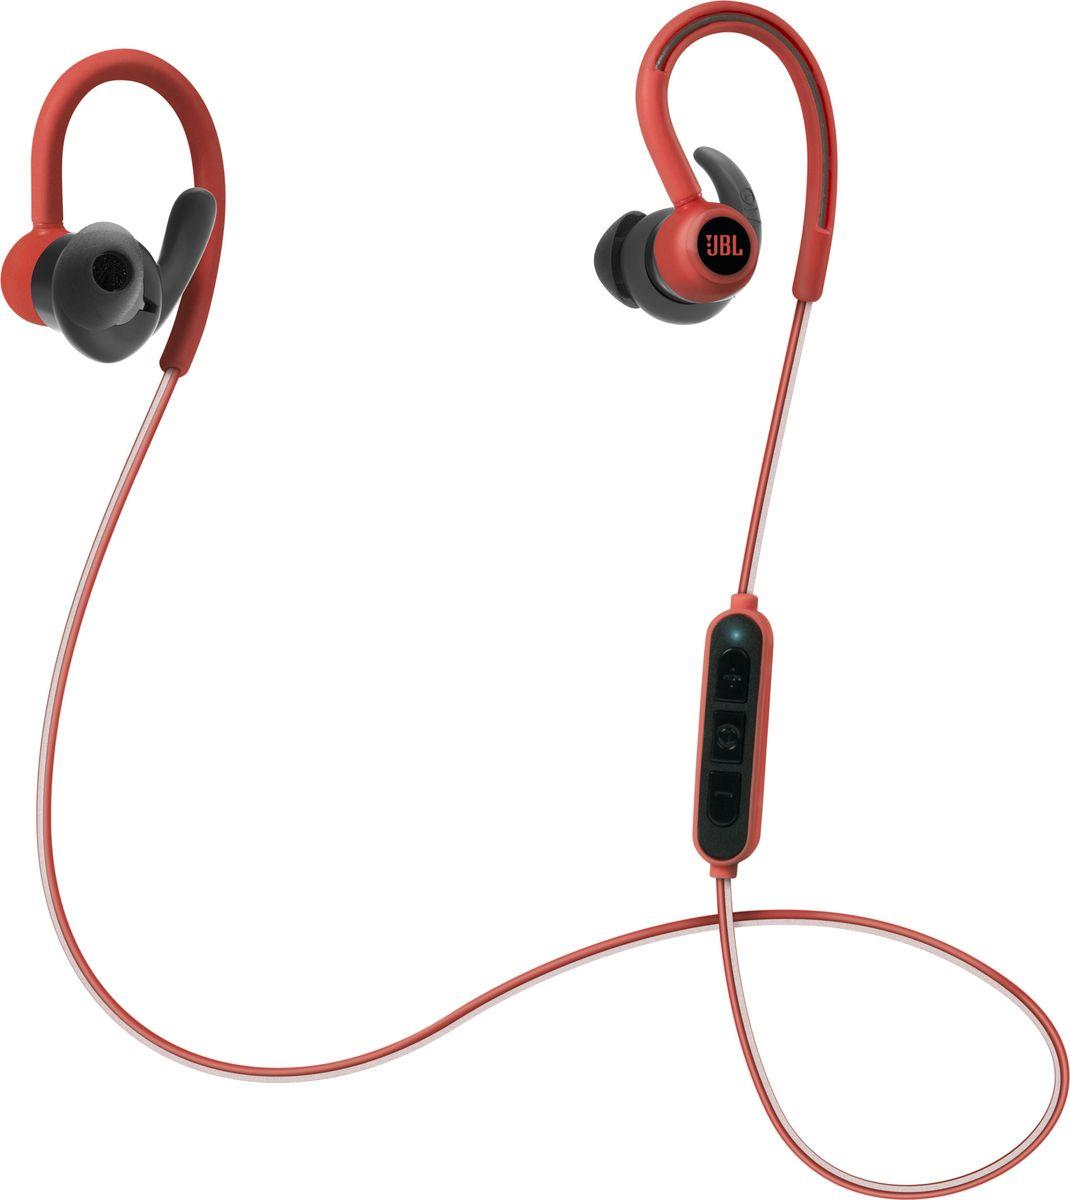 JBL Reflect Contour, Red наушникиJBLREFCONTOURREDПредставляем беспроводные спортивные наушники JBL Reflect Contour. В наушниках используется технология Dual Lock с заушным креплением и надежной посадкой в ухе для непрерывного прослушивания. Фанаты спорта могут сохранять энергичность и сосредоточенность на тренировке благодаря воспроизведению в течение 8 часов и мощному фирменному звуку JBL. Благодаря превосходным материалам высшего качества, защите от влаги и простоте использования, а также встроенному пульт ДУ с тремя кнопками ваши тренировки мгновенно взлетят на новый уровень.